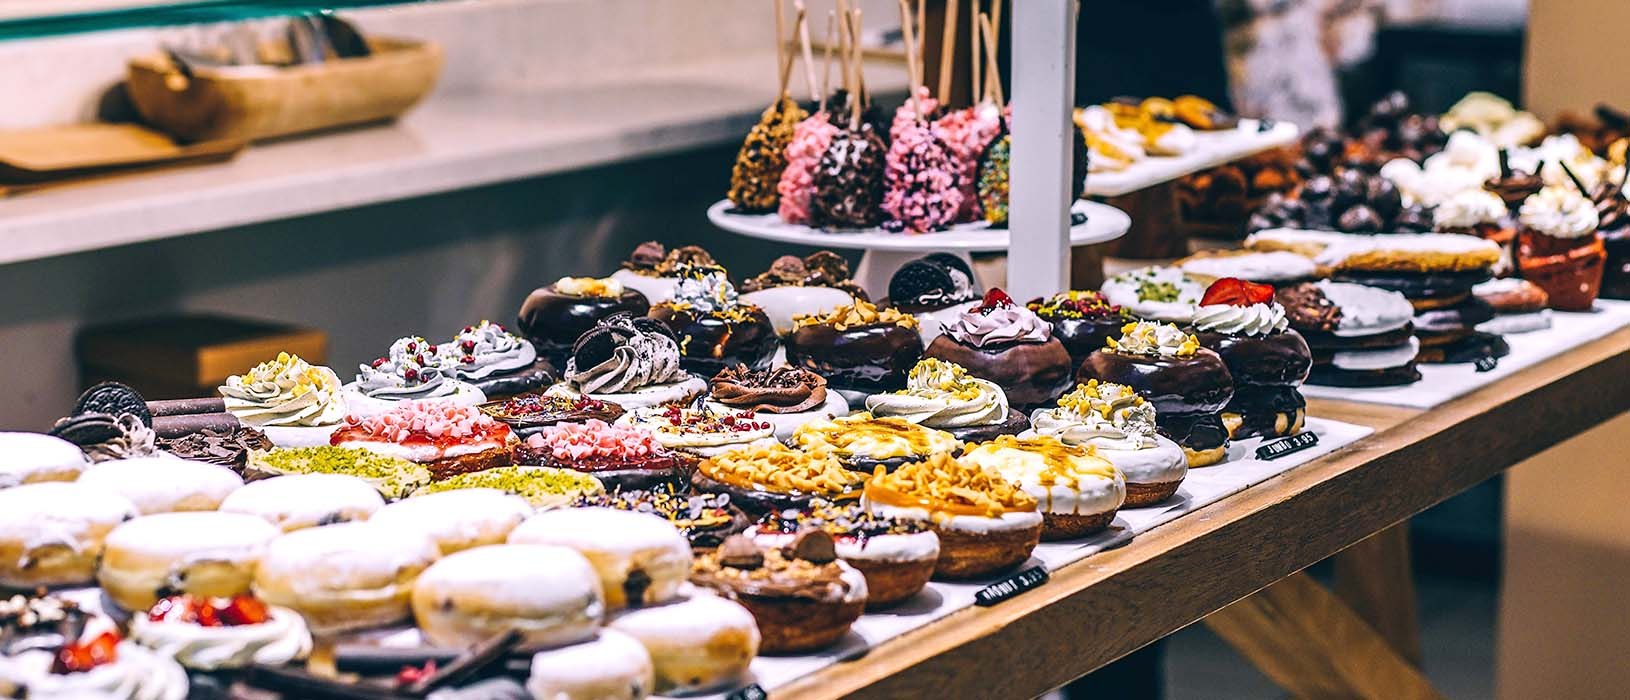 Guter Visual Content steigert die Wahrnehmung – oder macht in diesem Fall hungrig! Foto: Pixabay